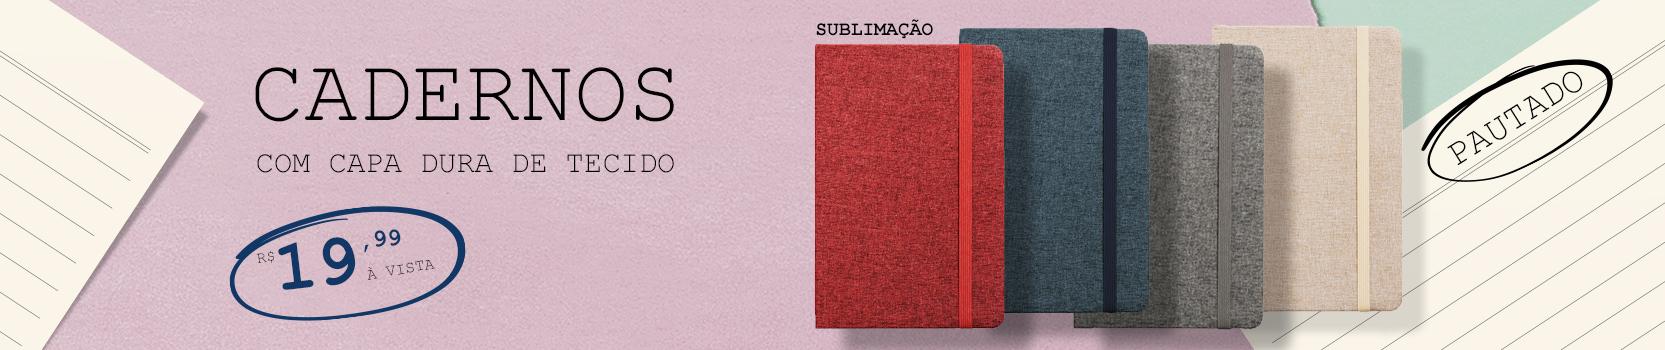 Caderno capa tecido / caneca base gliter